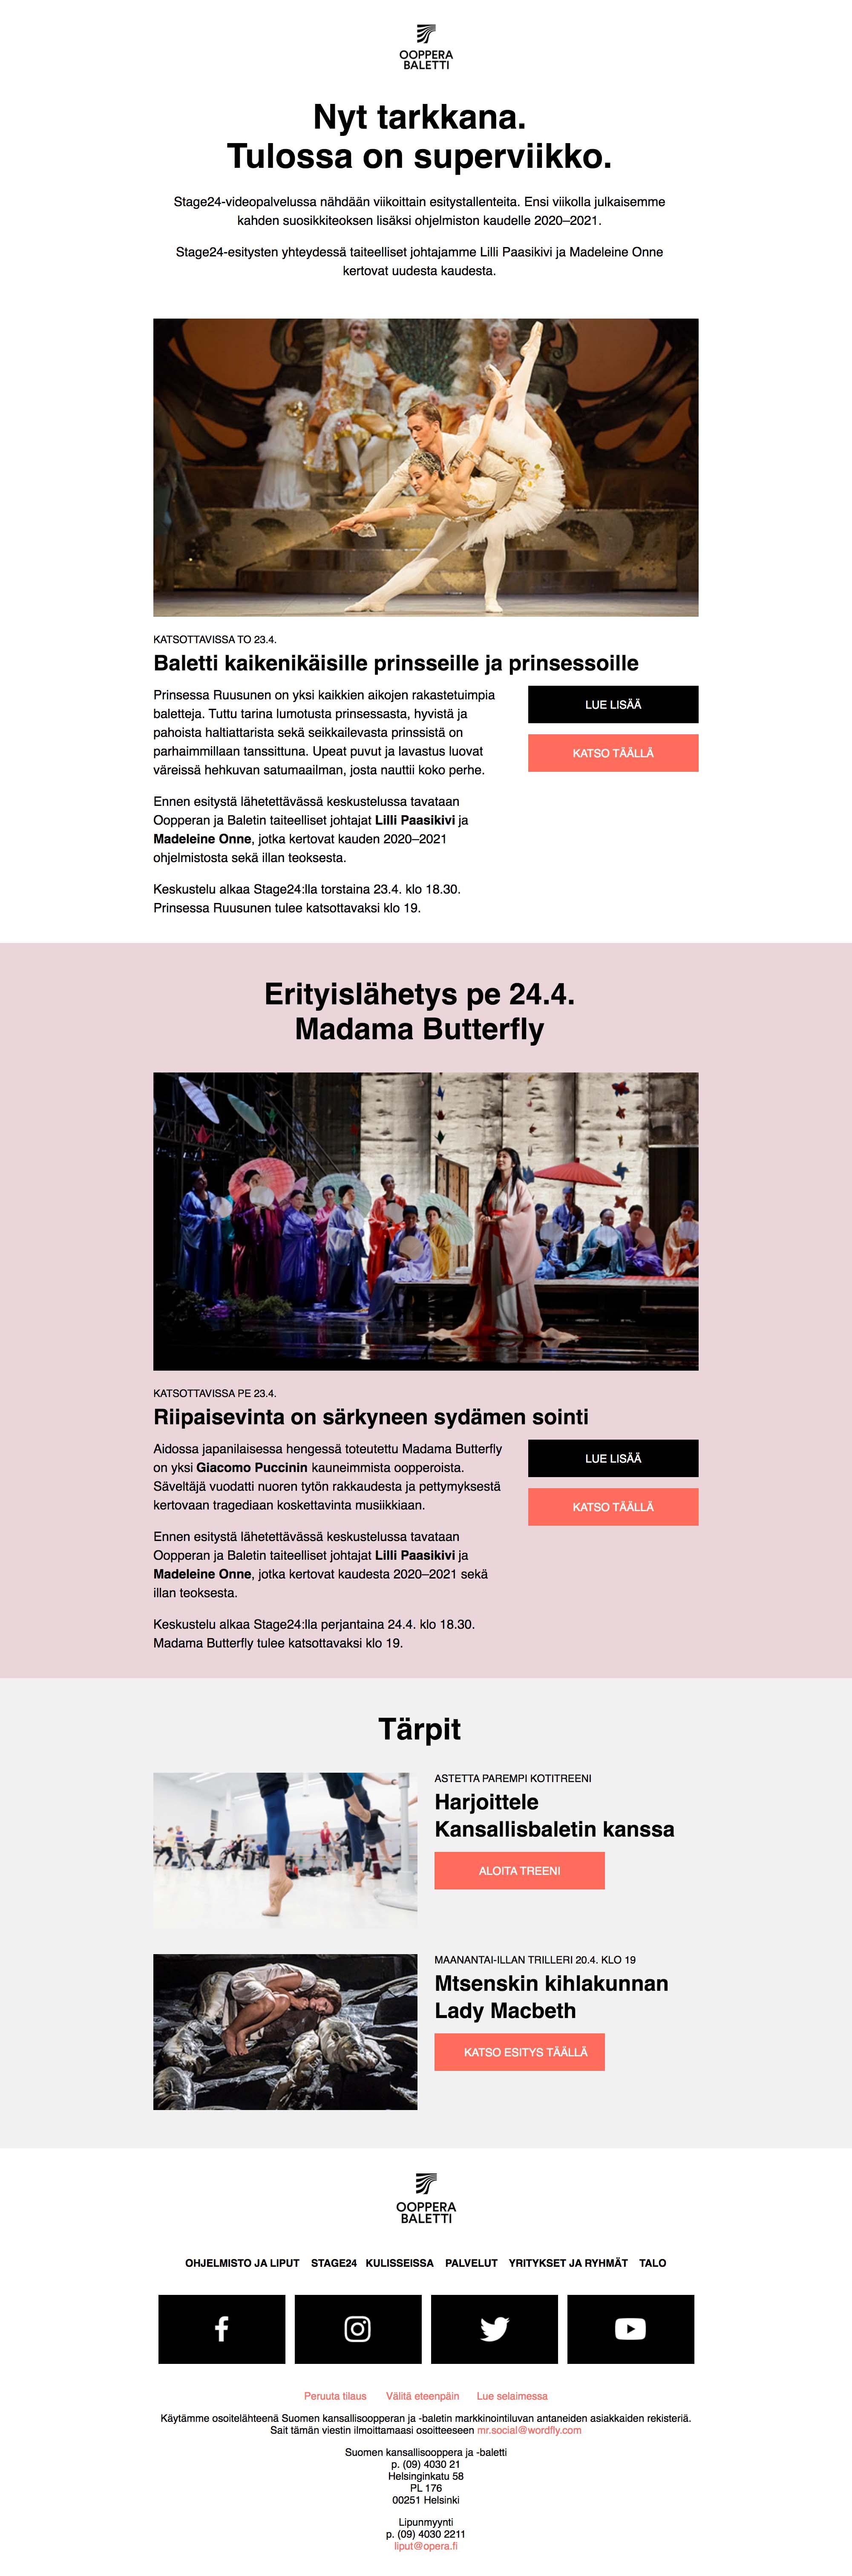 Tulossa superviikko: uuden kauden julkistus ja Prinsessa Ruusunen - desktop view